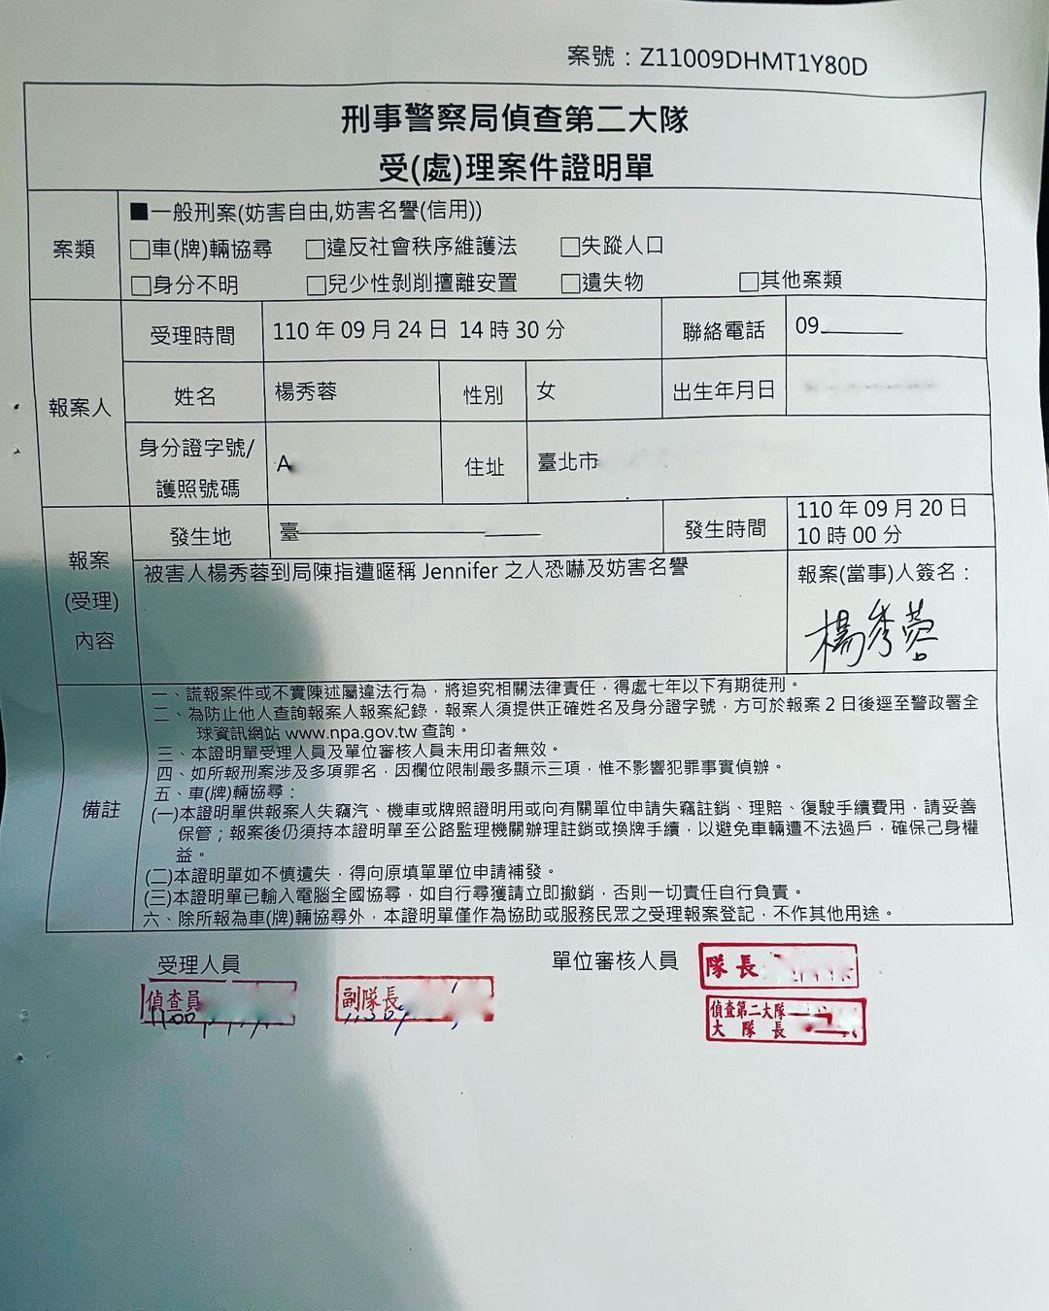 楊秀蓉遭網友利用詐騙。 圖/擷自楊秀蓉IG